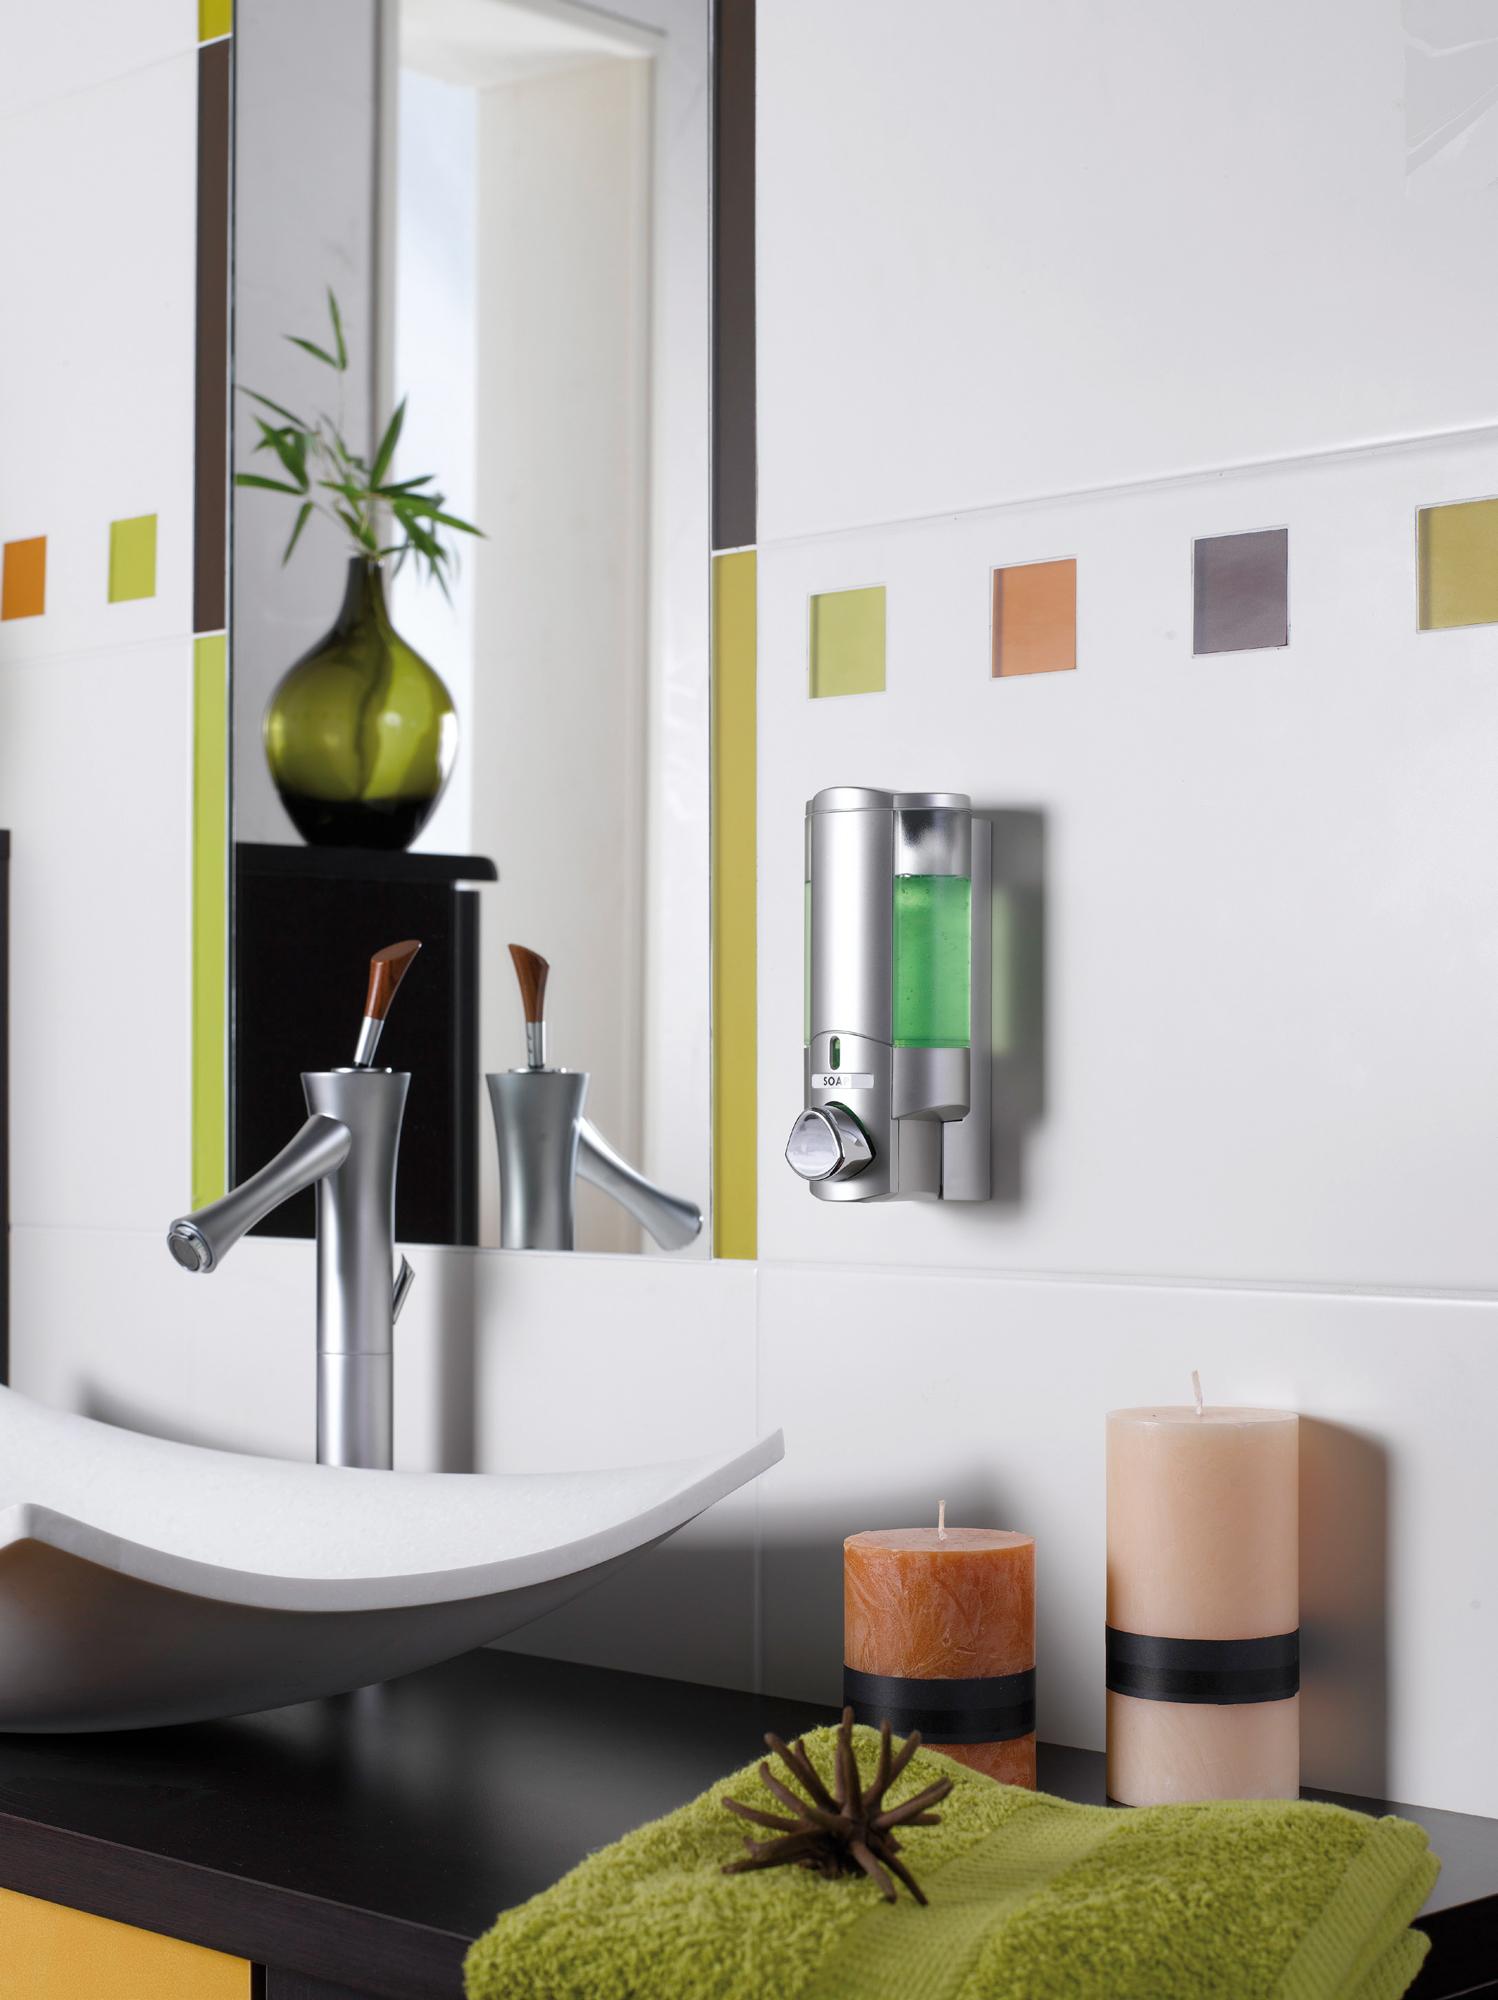 Distributeur de savon wave for Distributeur savon douche mural